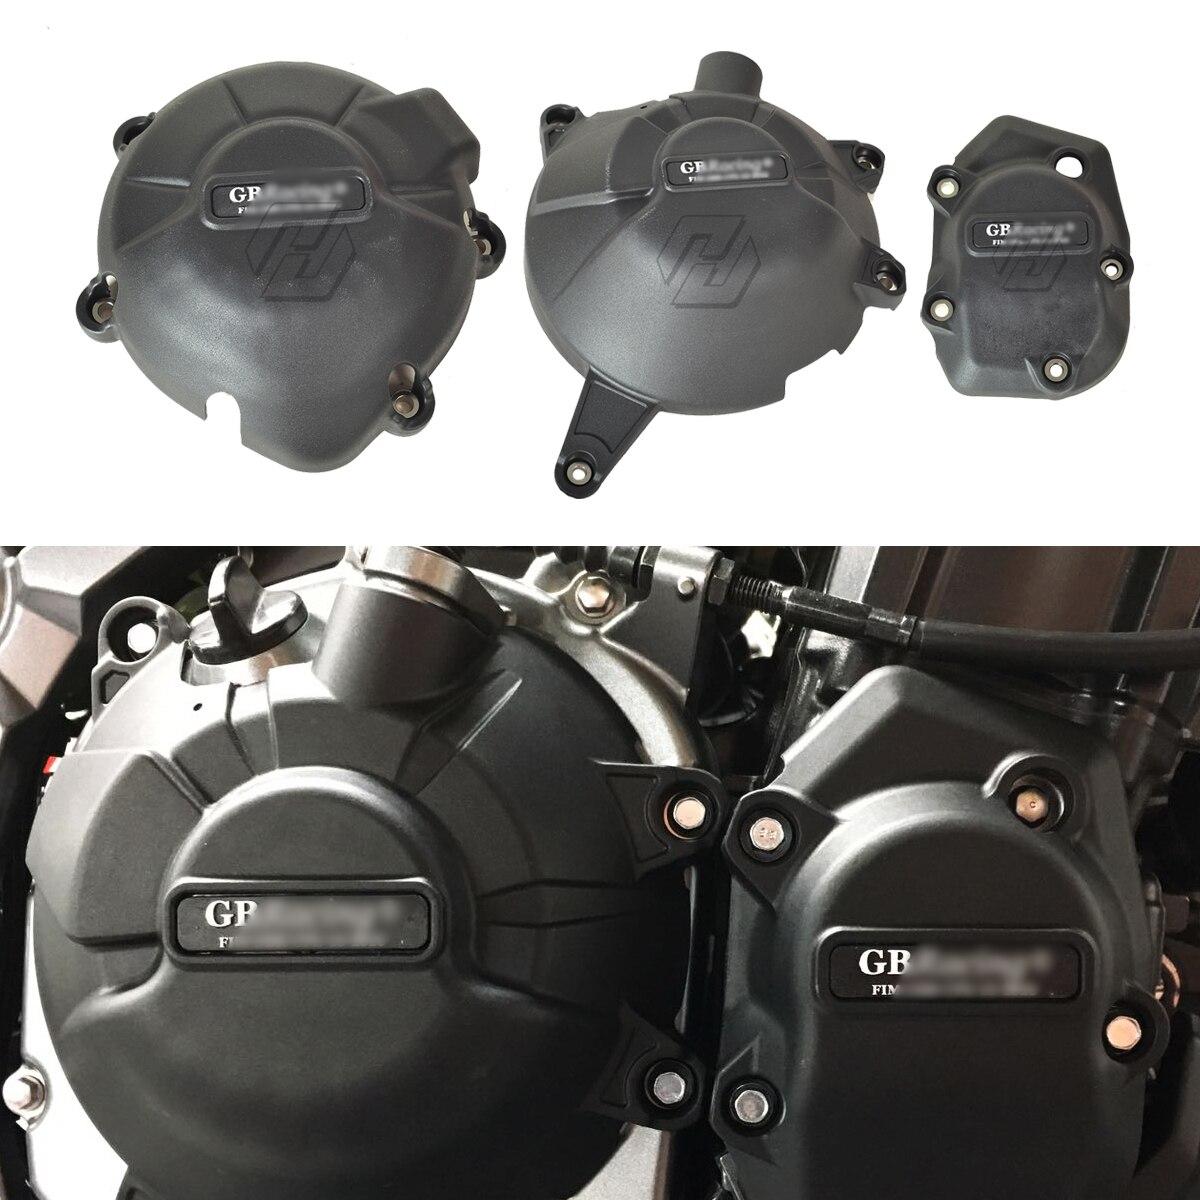 Moto moteur Protection pompe à eau Kit housse pour GB Racing pour Kawasaki NINJA Z900 2017 2018